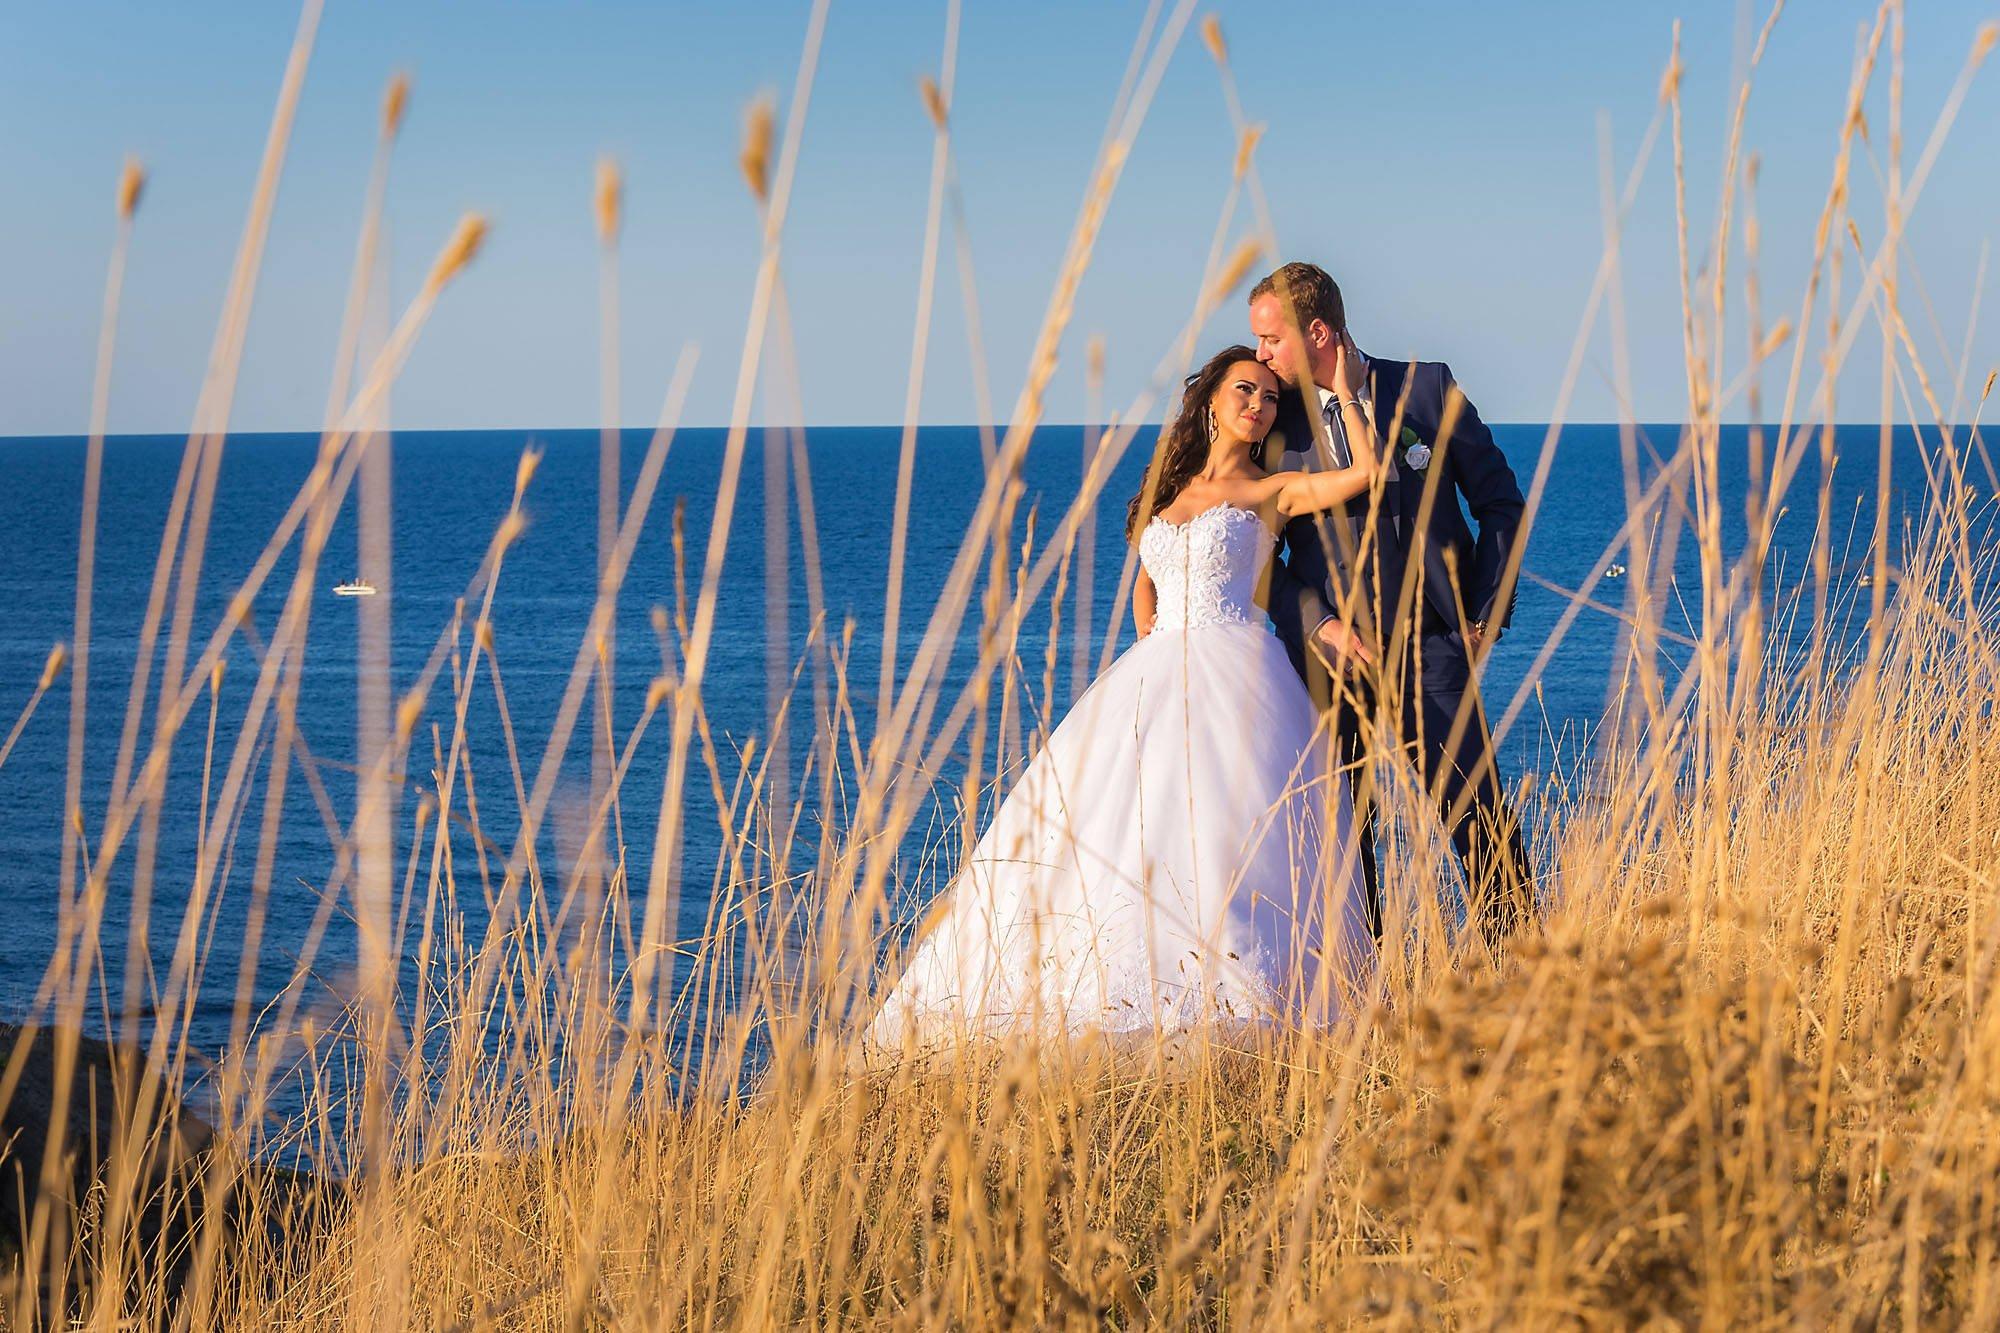 Добър сватбен фотограф,  Професионален сватбен фотограф,  Професионален фотограф за сватба,  Сватба фотограф,  Сватбен фотограф,  Сватбена фотография,  Сватбени фото сесии,  Сватбени моменти